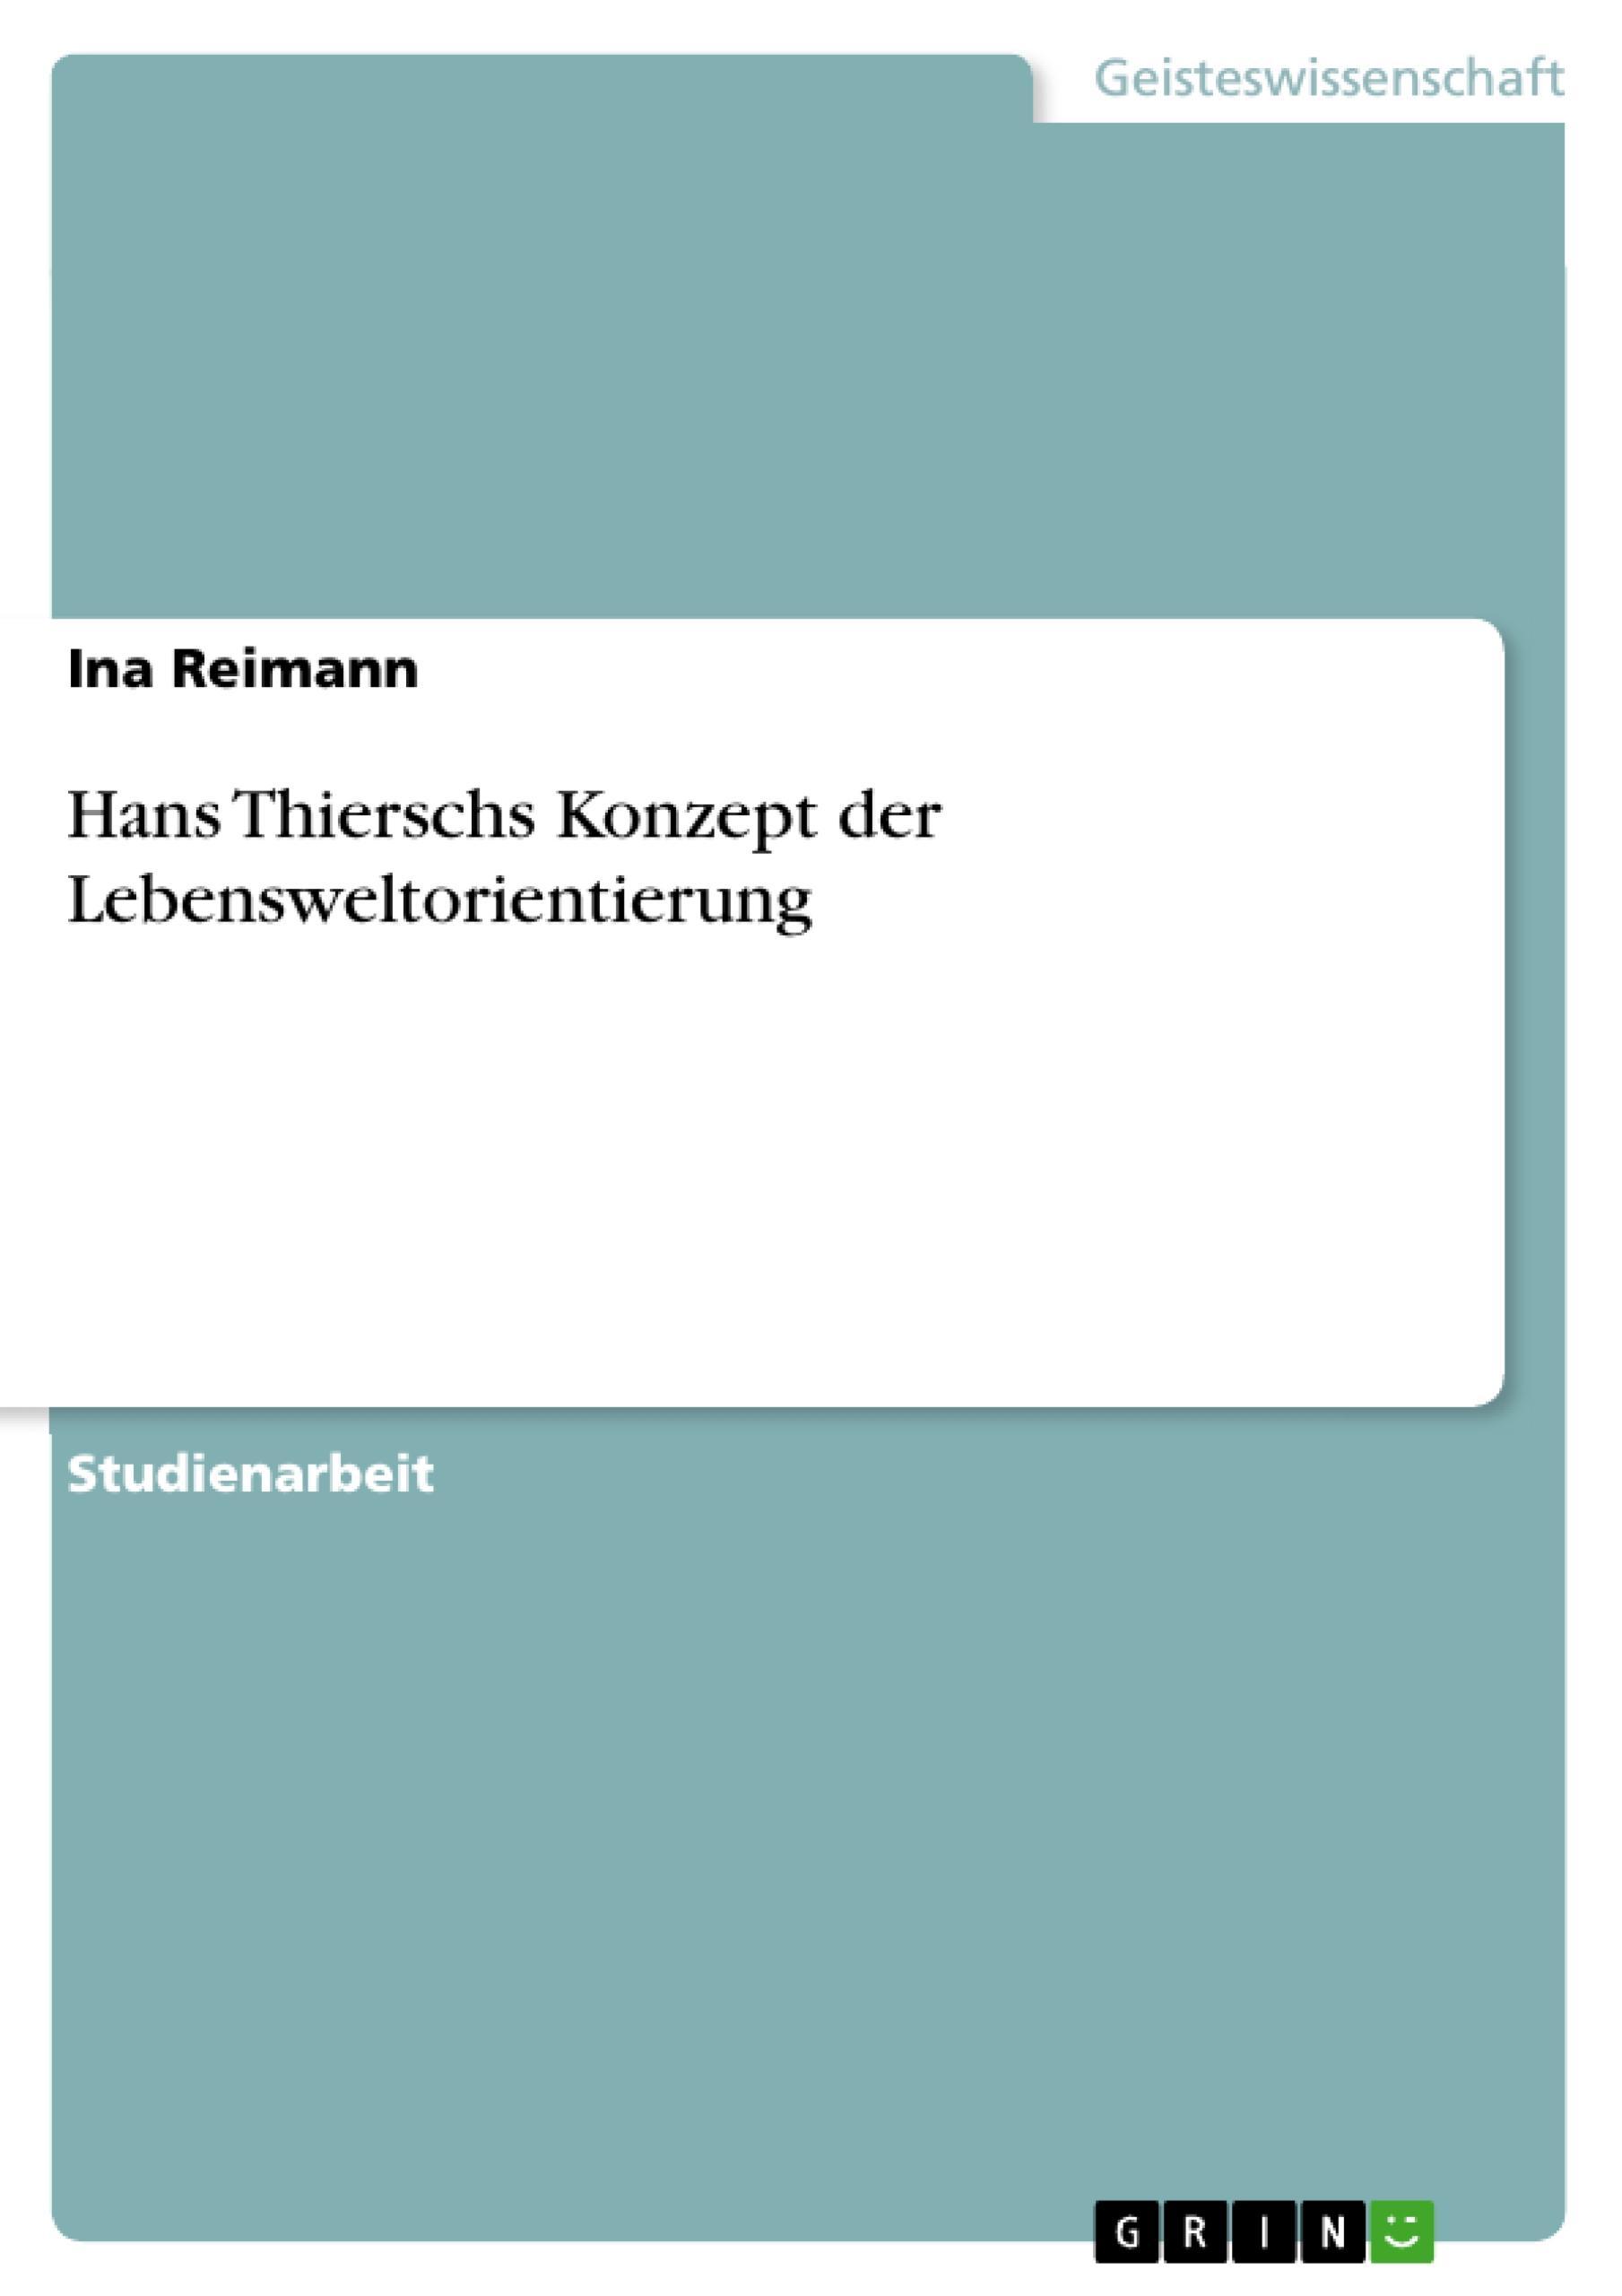 Hans Thierschs Konzept der Lebensweltorientierung  Ina Reimann  Taschenbuch  Deutsch  2010 - Reimann, Ina